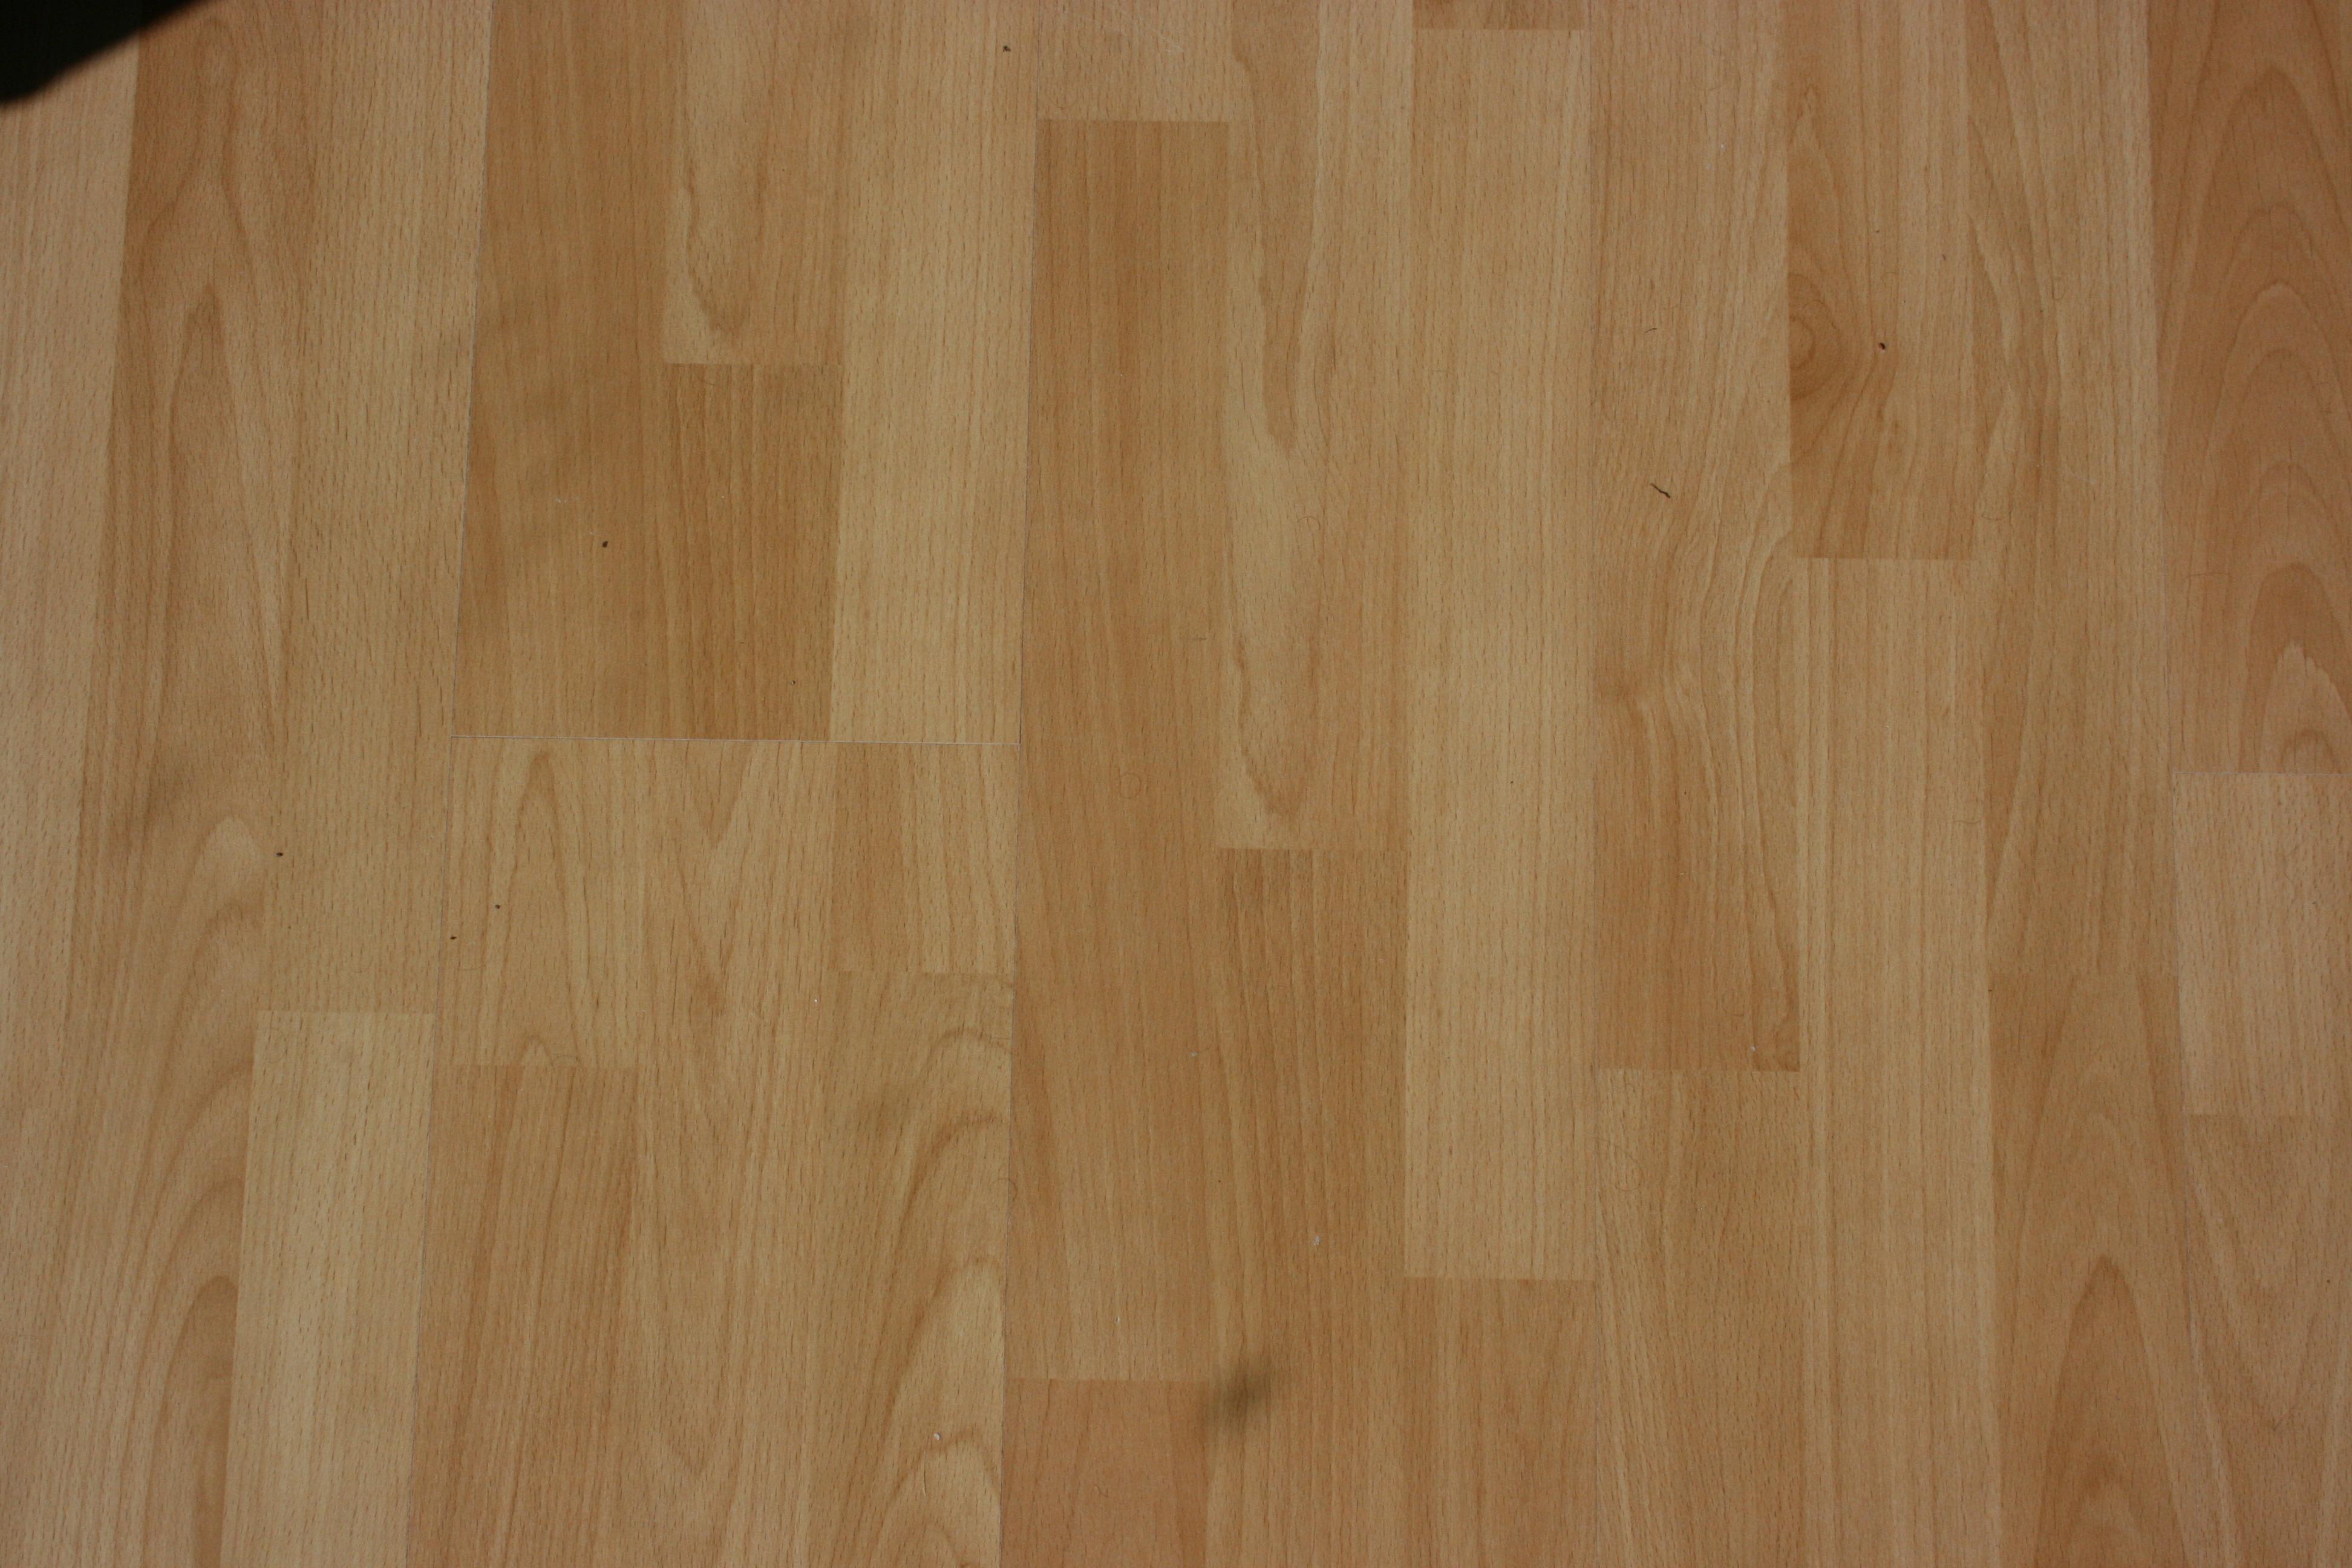 trægulv gulve gulvtyper